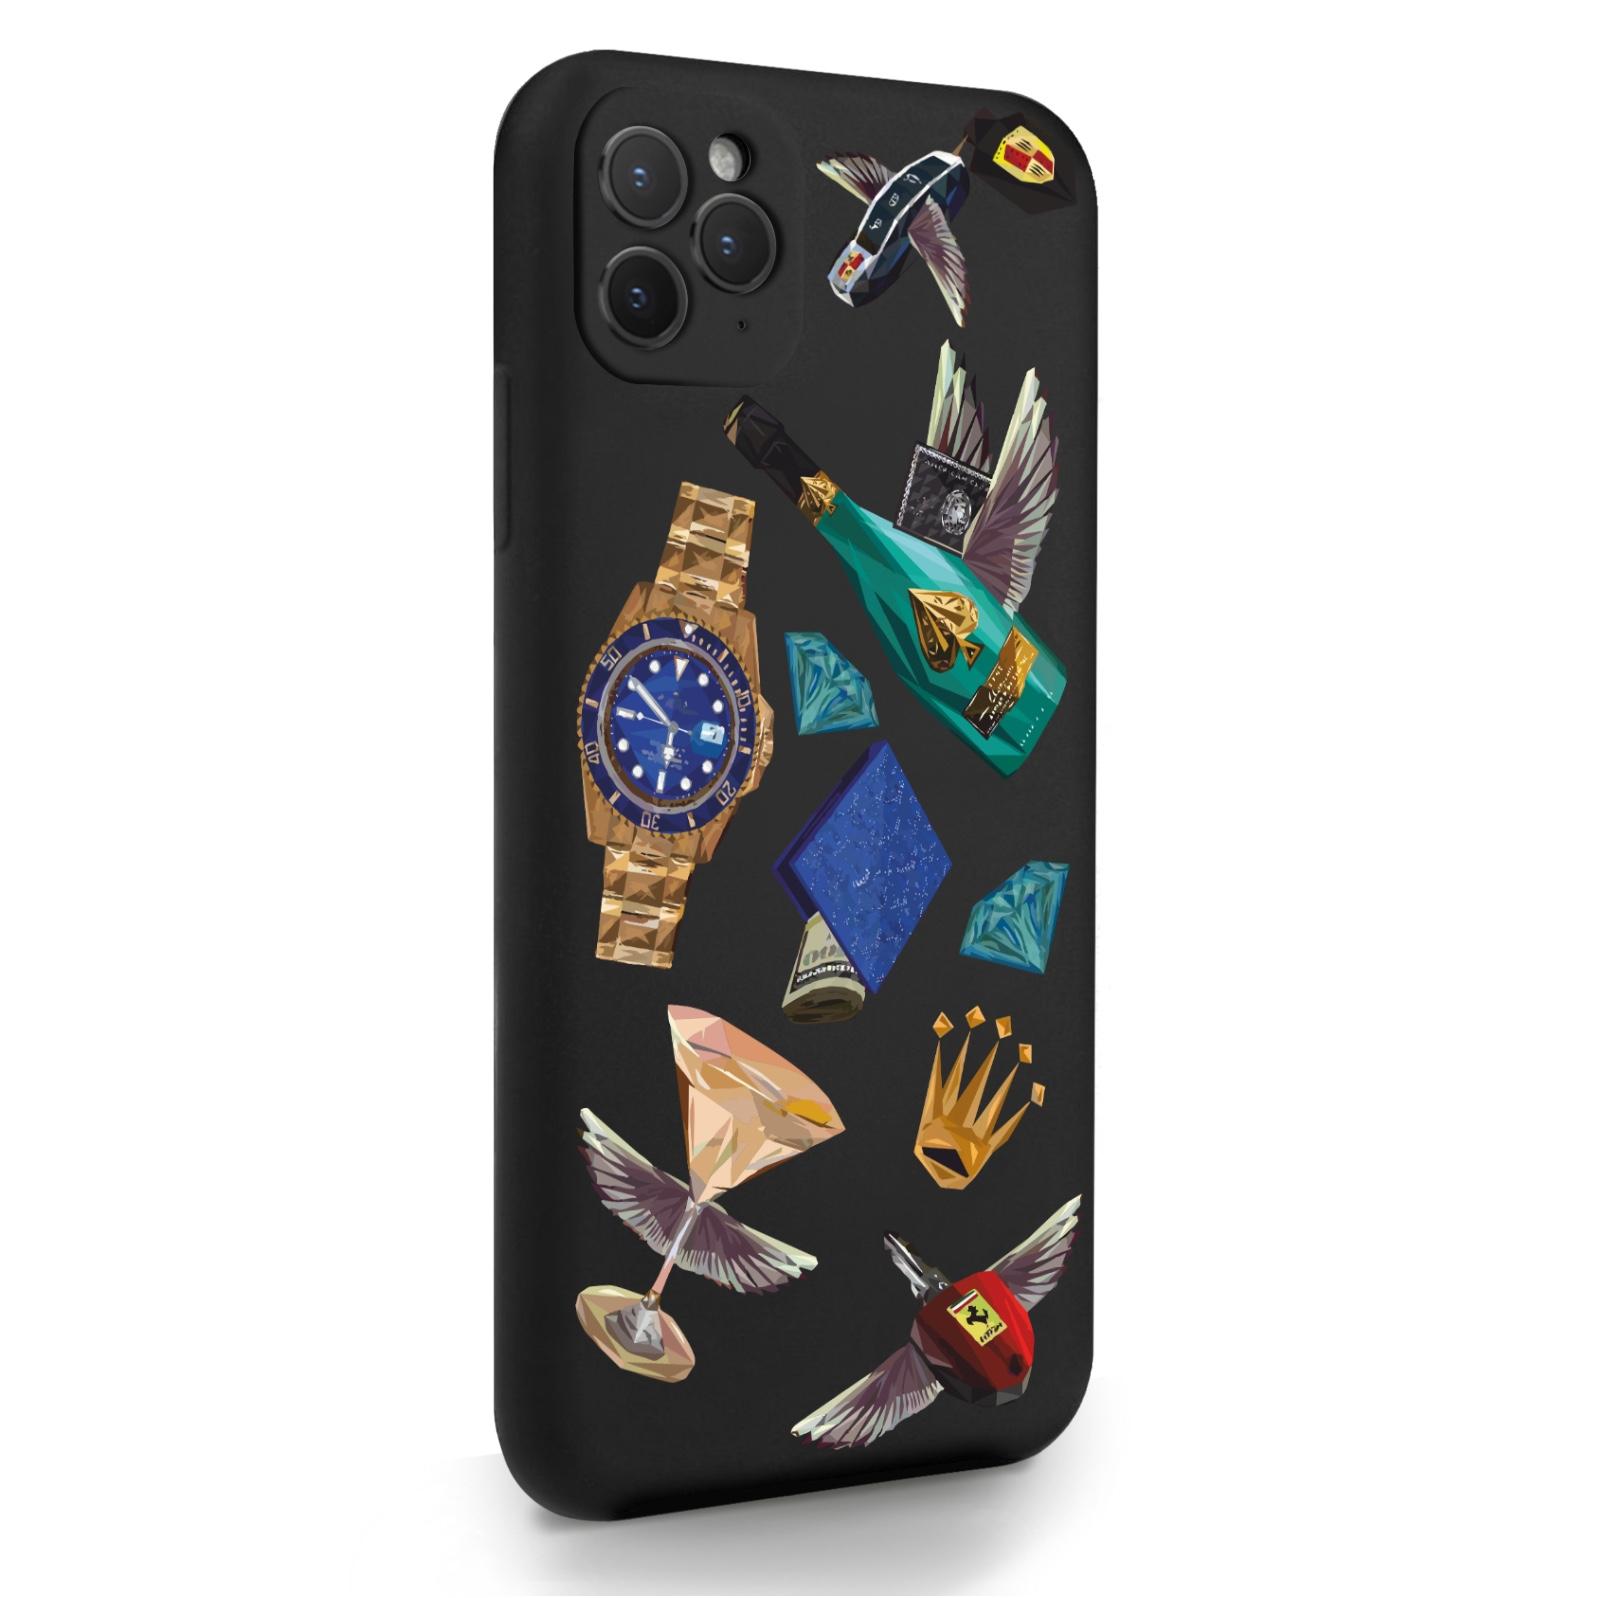 Черный силиконовый чехол для iPhone 11 Pro Max Luxury lifestyle для Айфон 11 Про Макс